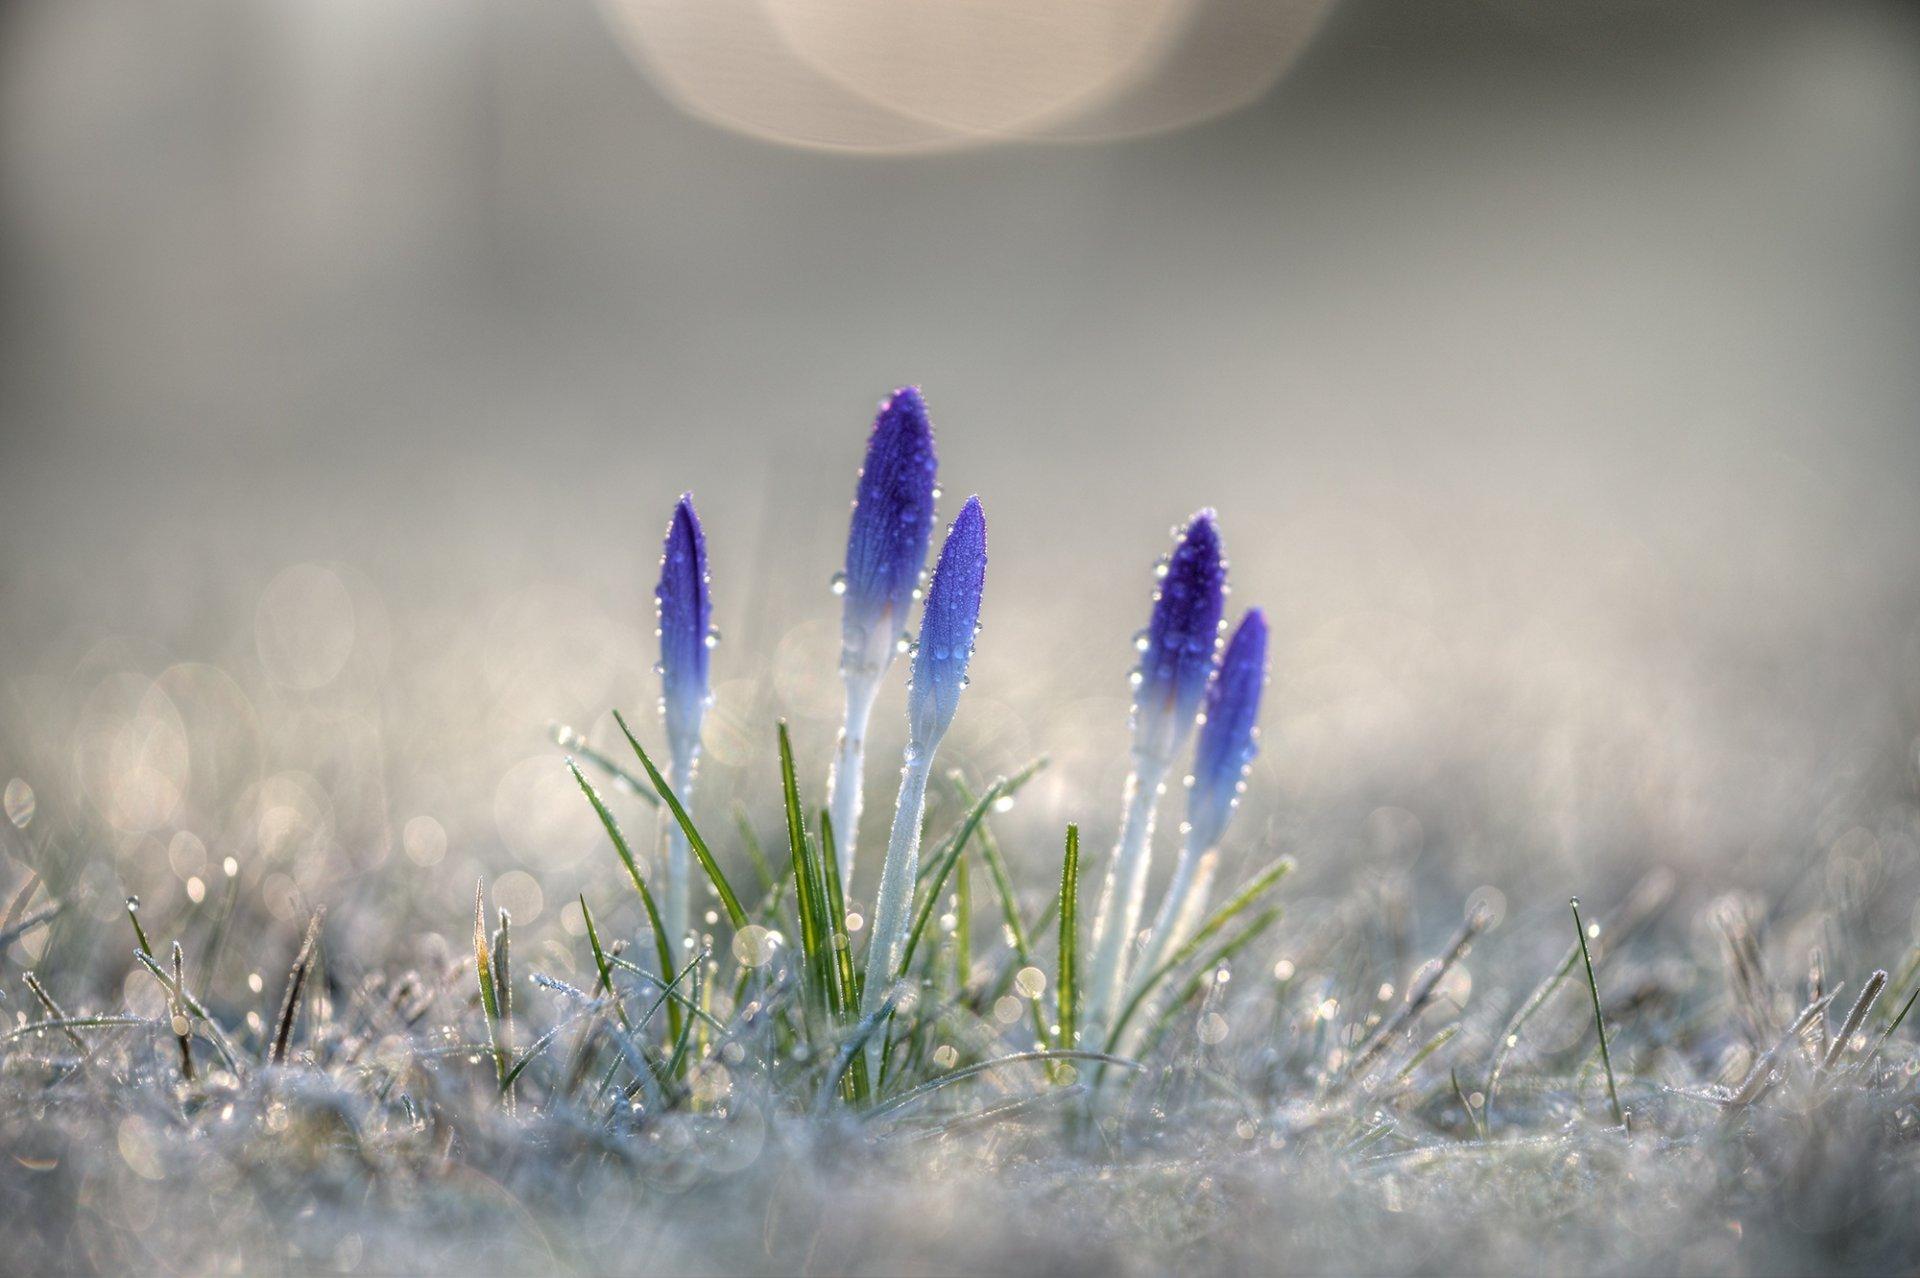 делом фоновые картинки ранняя весна детройт был процветающим